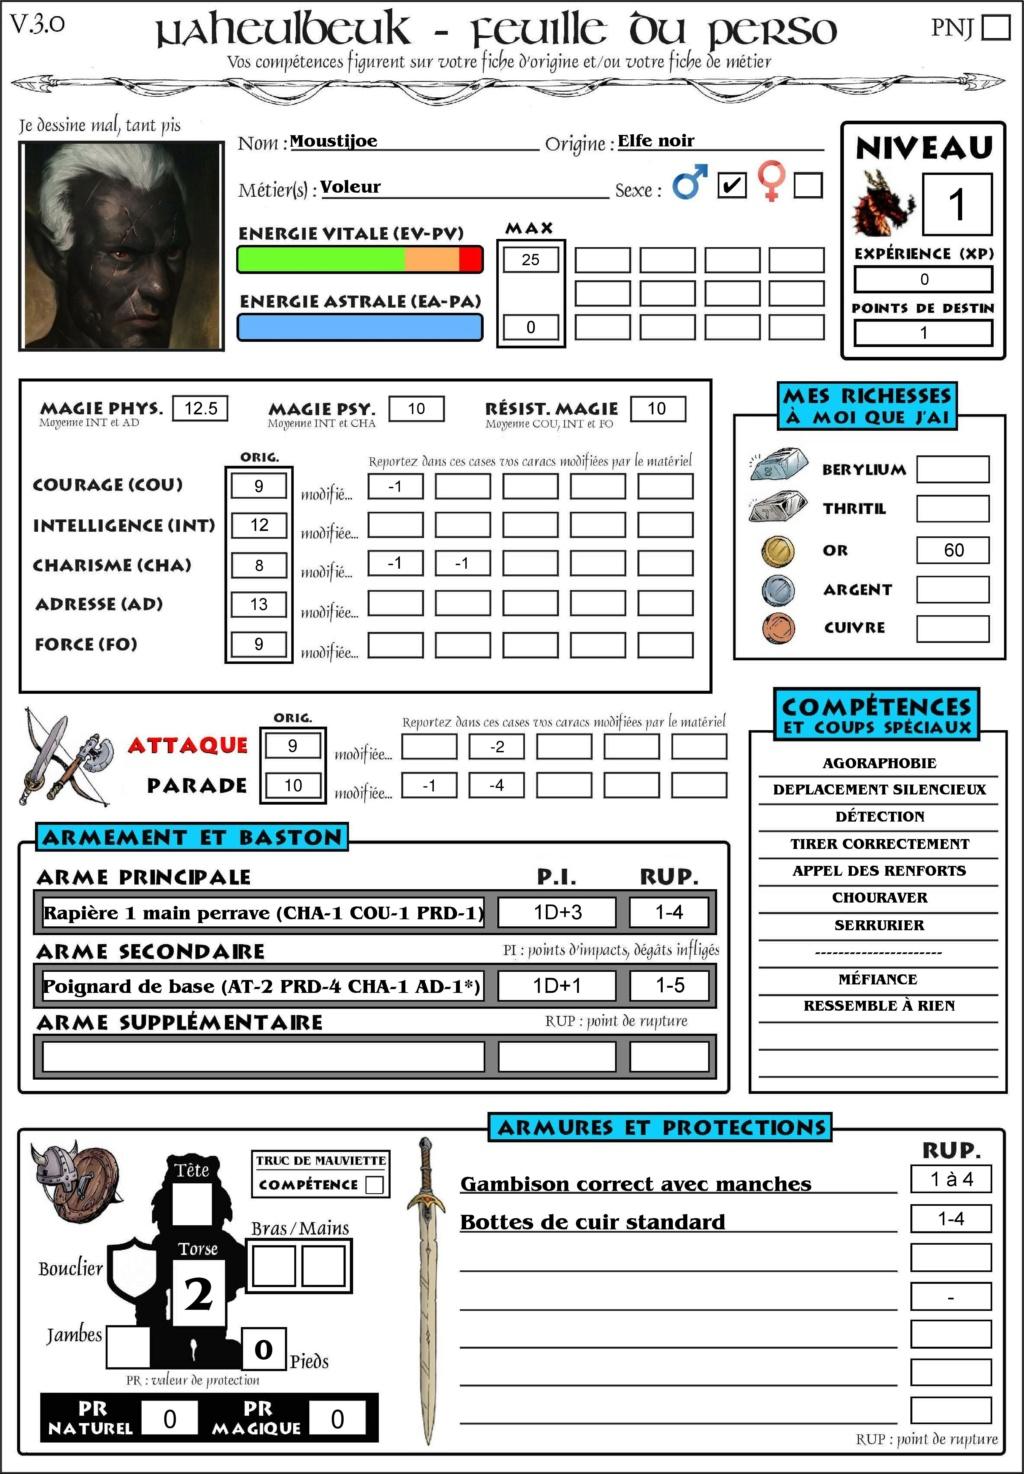 Présentation Moustijoe, l'elfe noir voleur Nbk-fi13